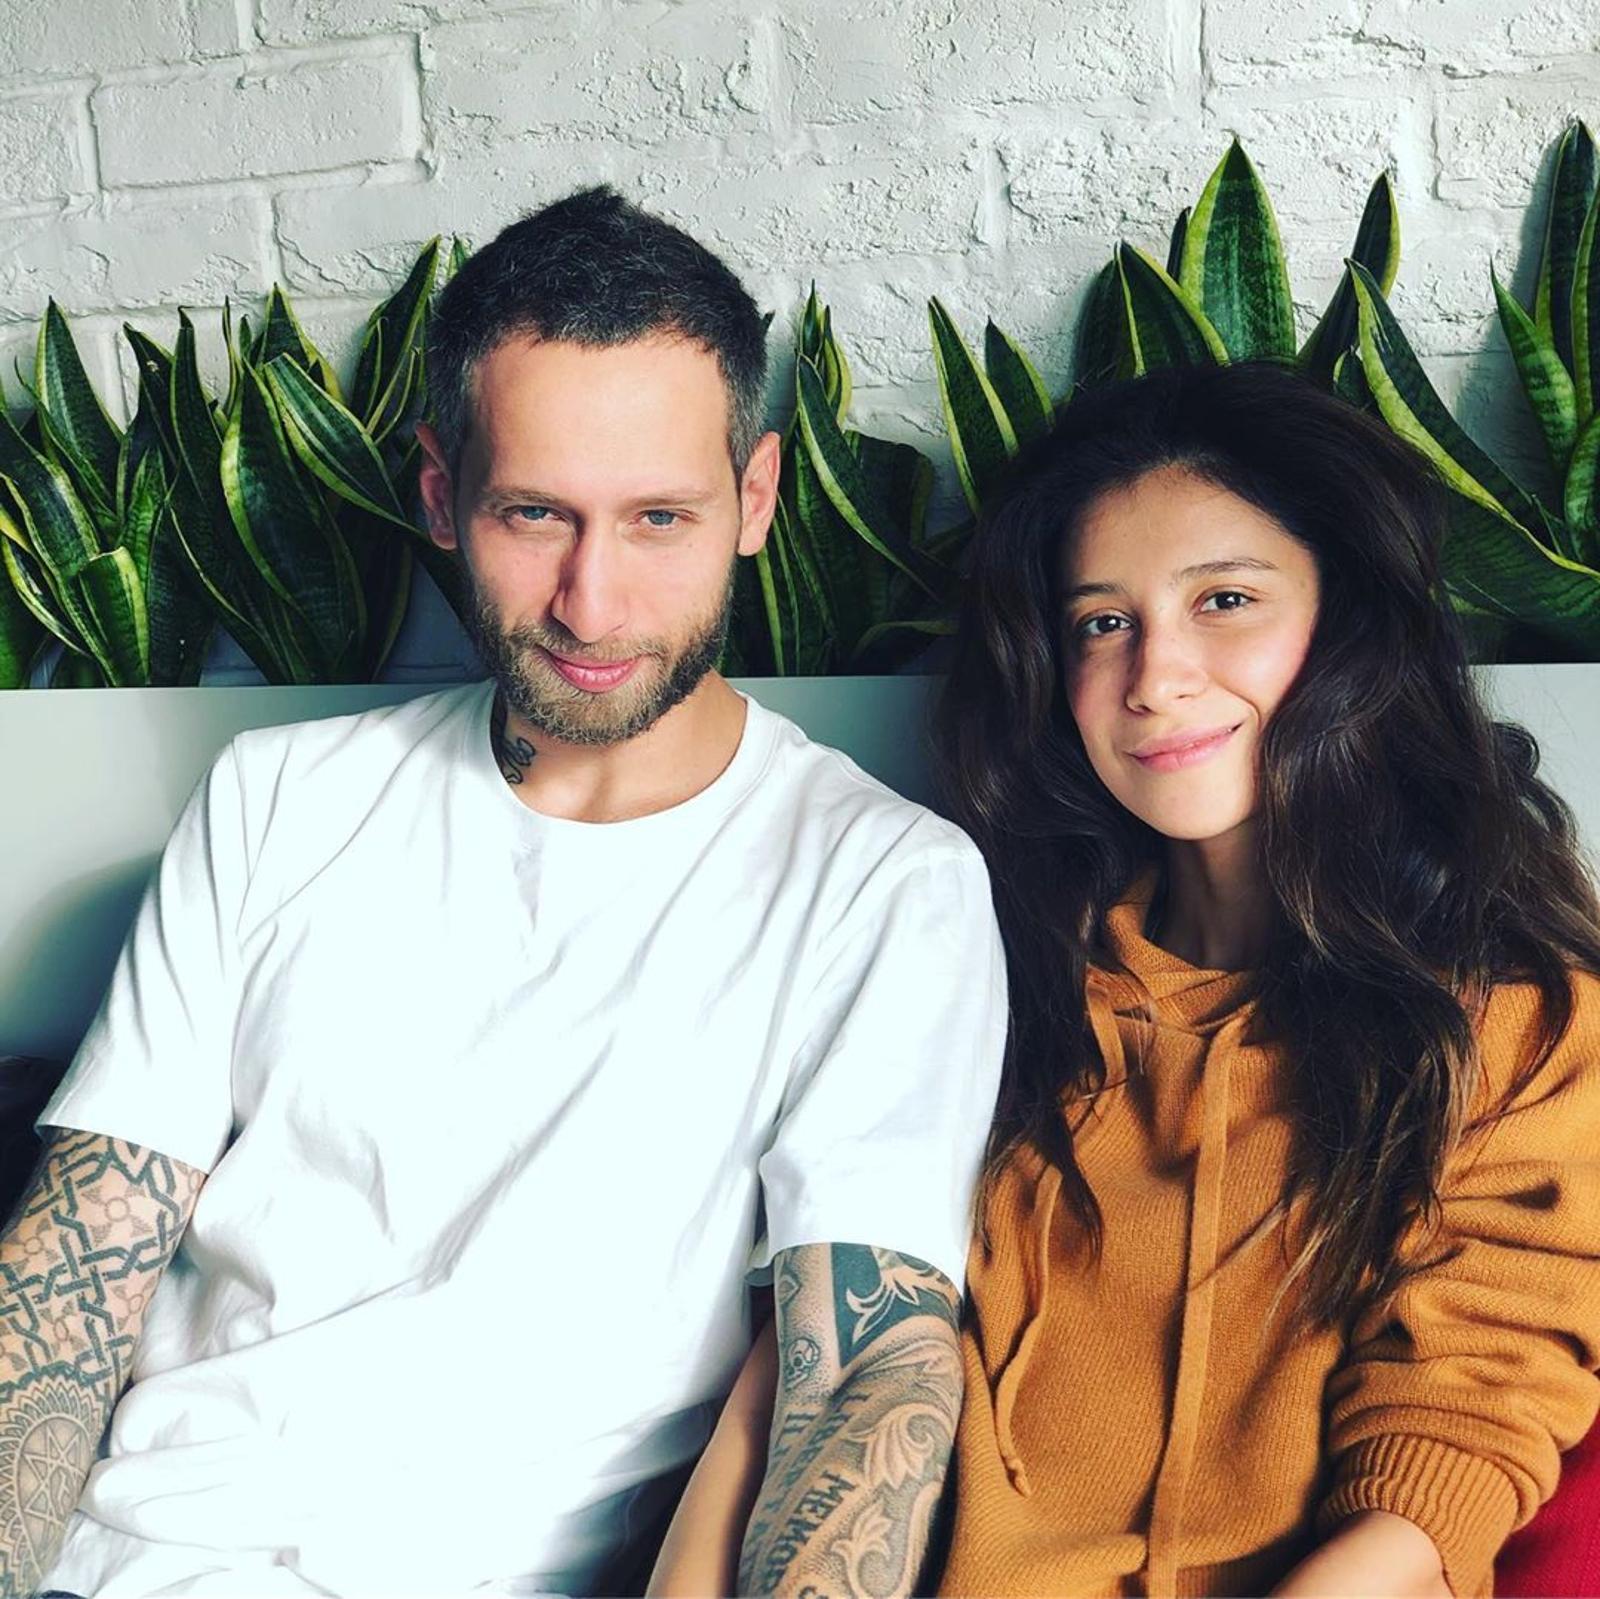 Татуировки и взгляд с прищуром: с кем Равшана Куркова отправилась в отпуск